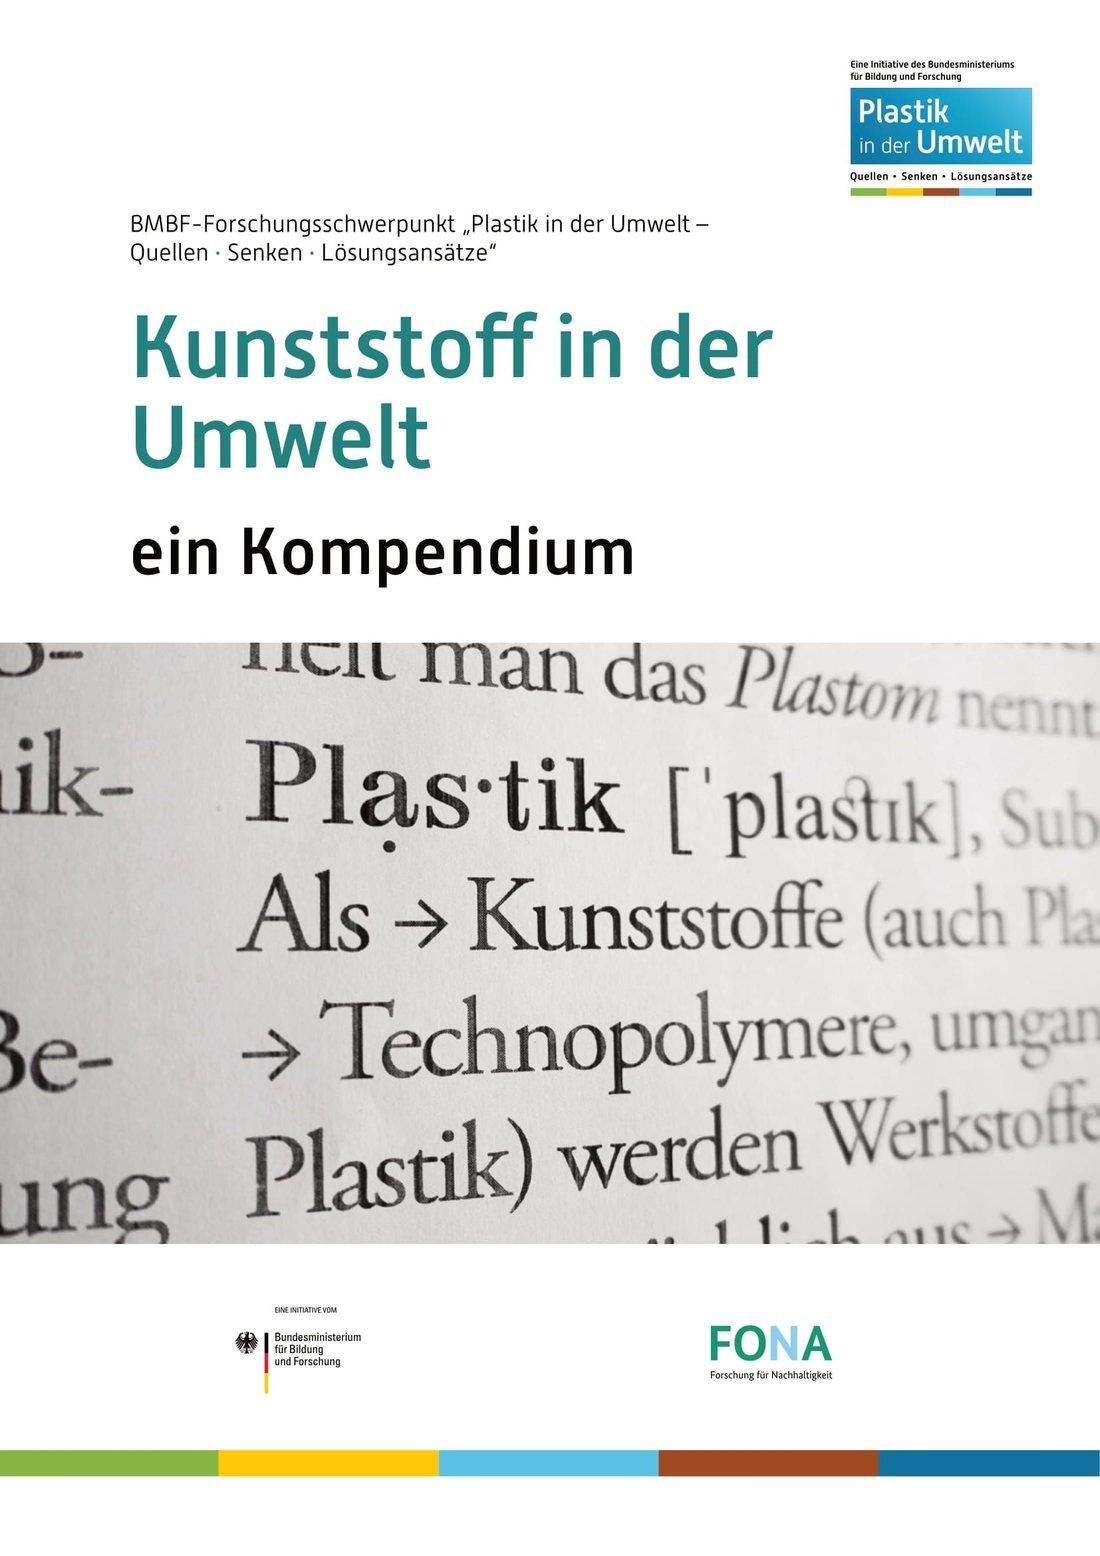 Titelbild des Kompendiums